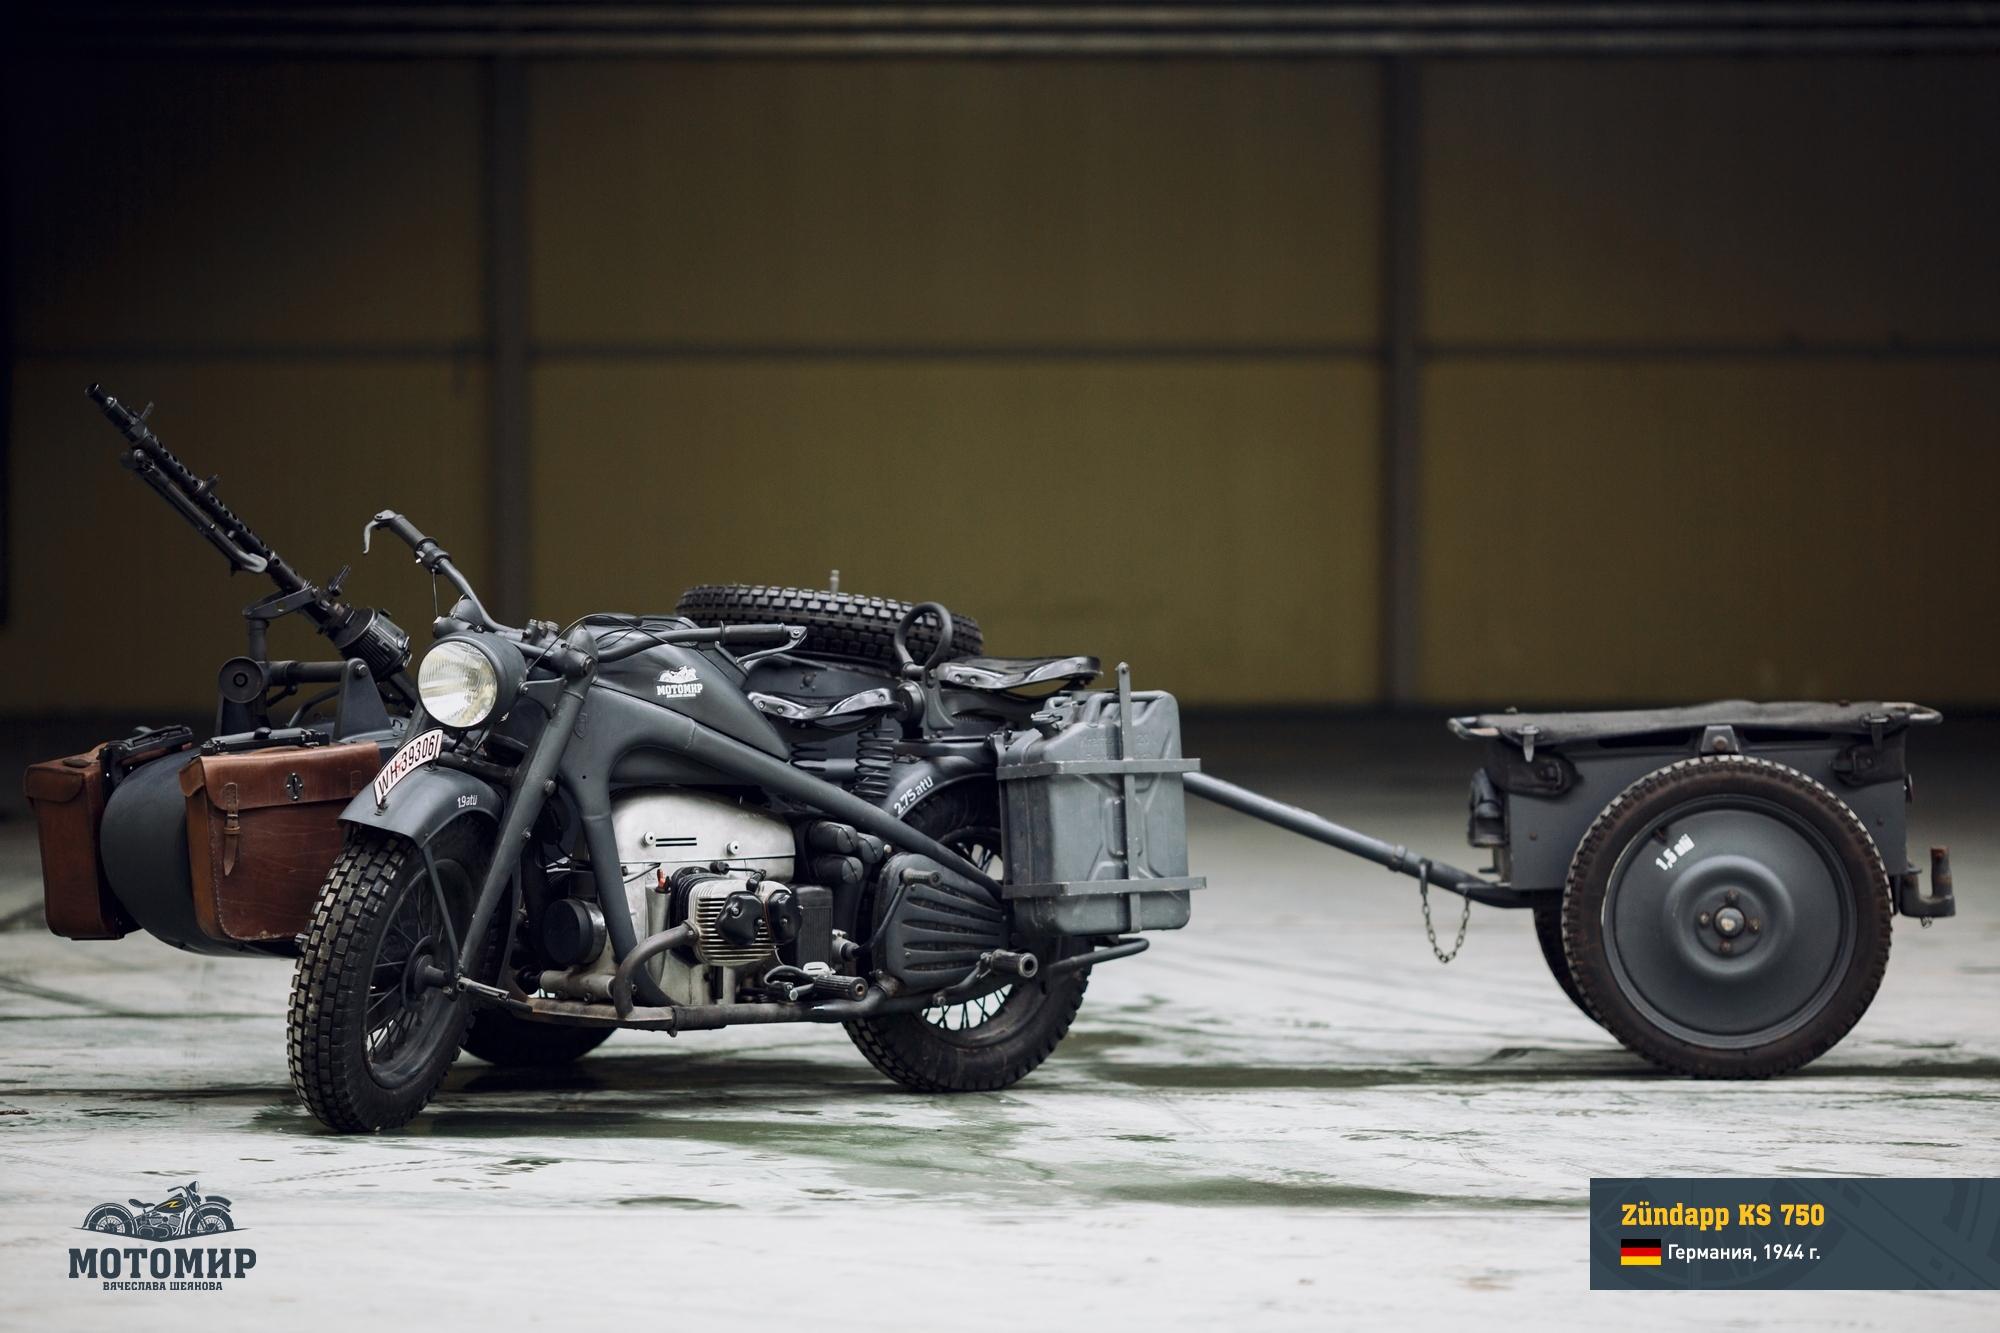 zundapp-ks750-201503-web-09